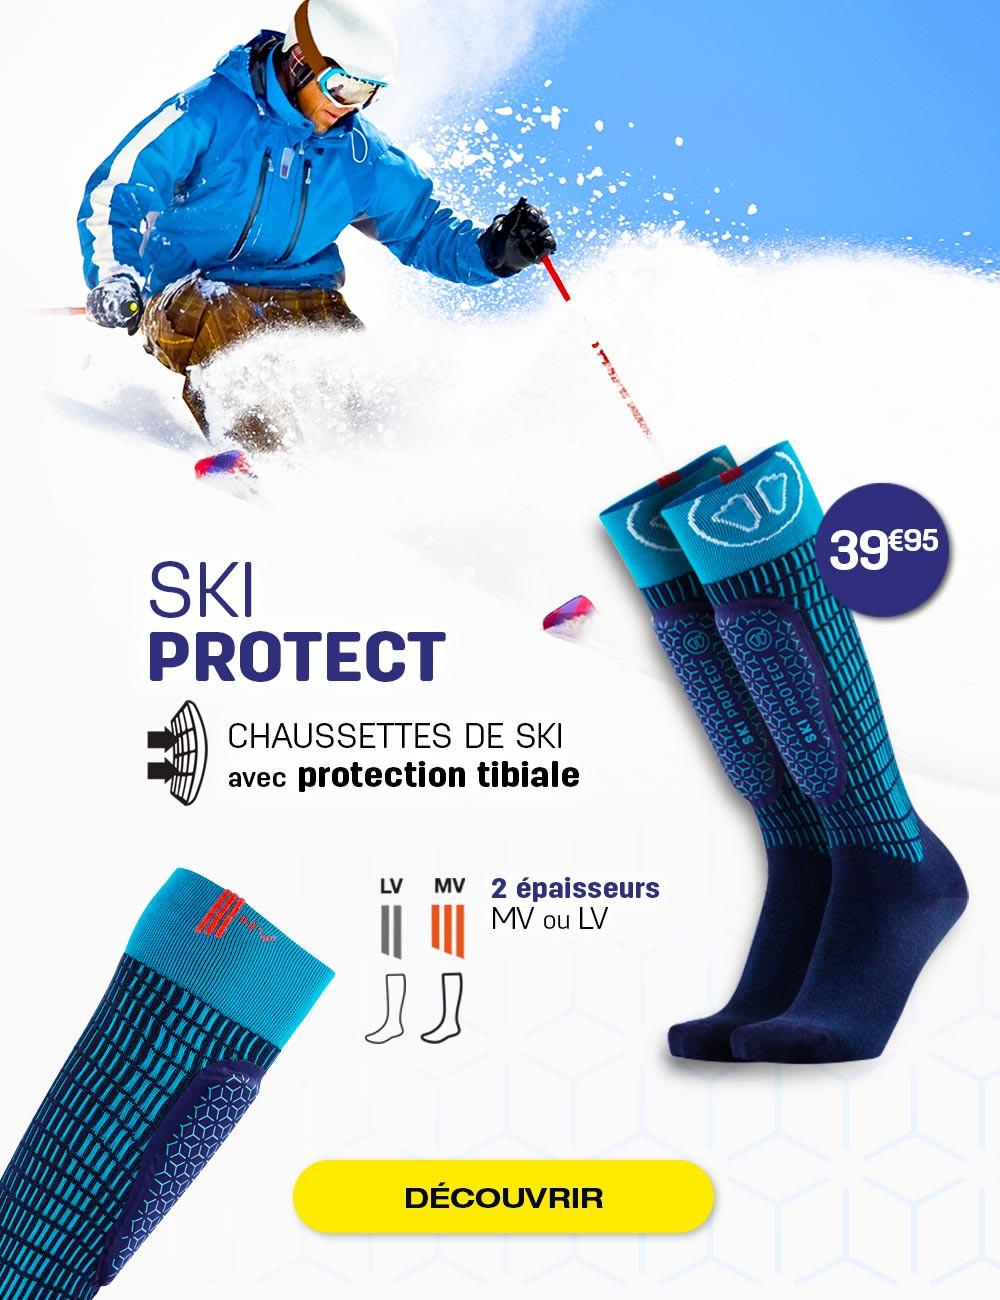 Dîtes au revoir aux douleurs tibiales pendant vos journées de ski